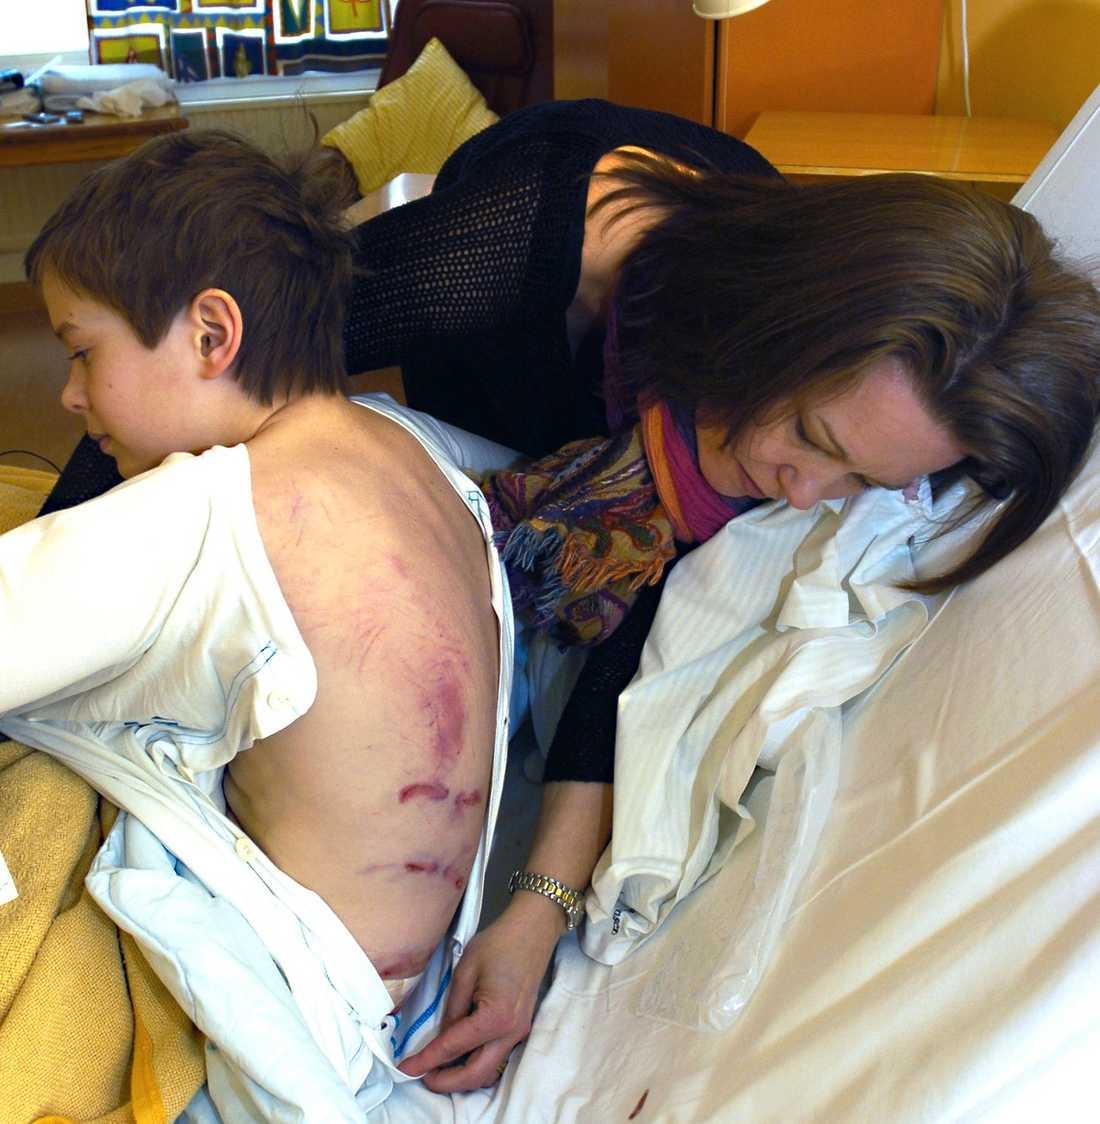 """EN TUFFING Olle har kraftiga rivmärken på ryggen efter björnens klor. Nu har han fått sällskap av mamma Julia på sjukhuset. """"Olle är en riktigt tuff kille. Själv har jag björnfrossa och tordes inte ens gå på Skansen som liten"""", säger hon."""